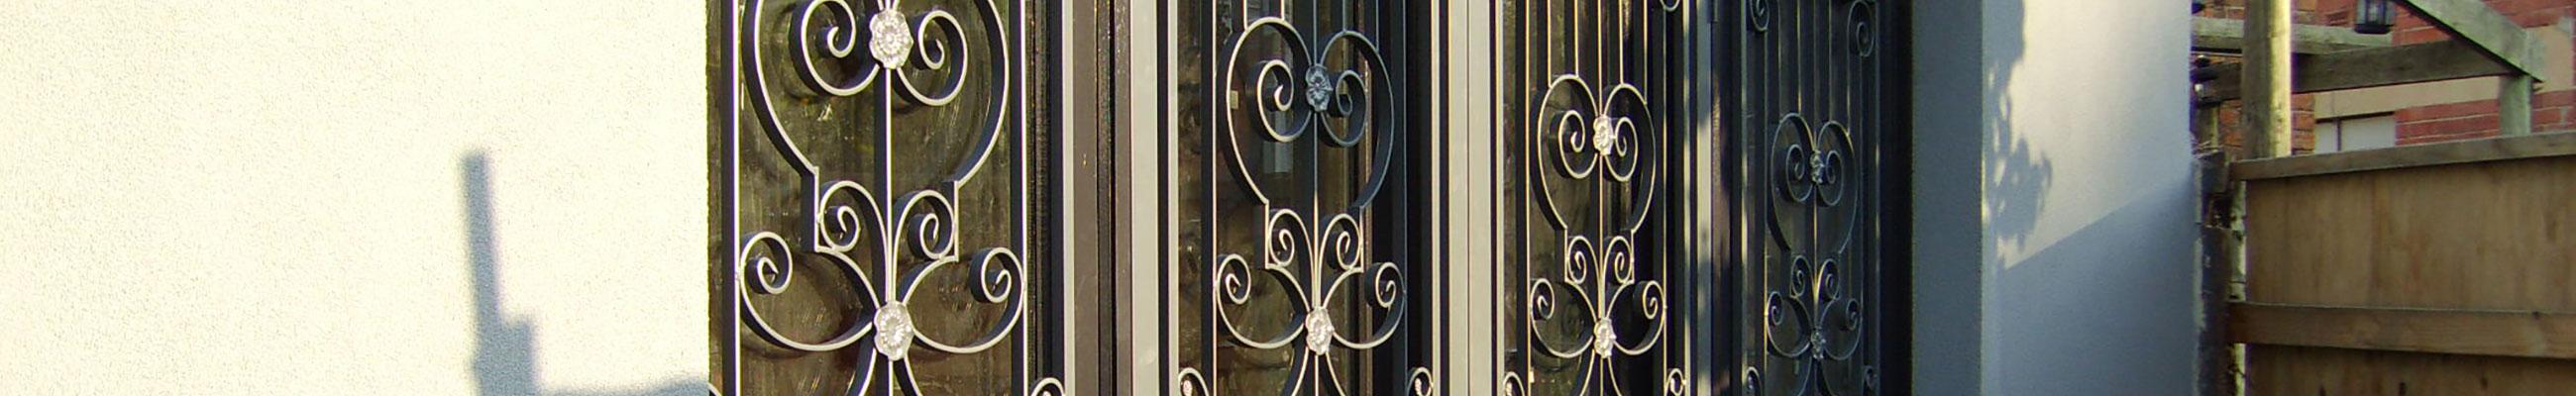 doors-banner